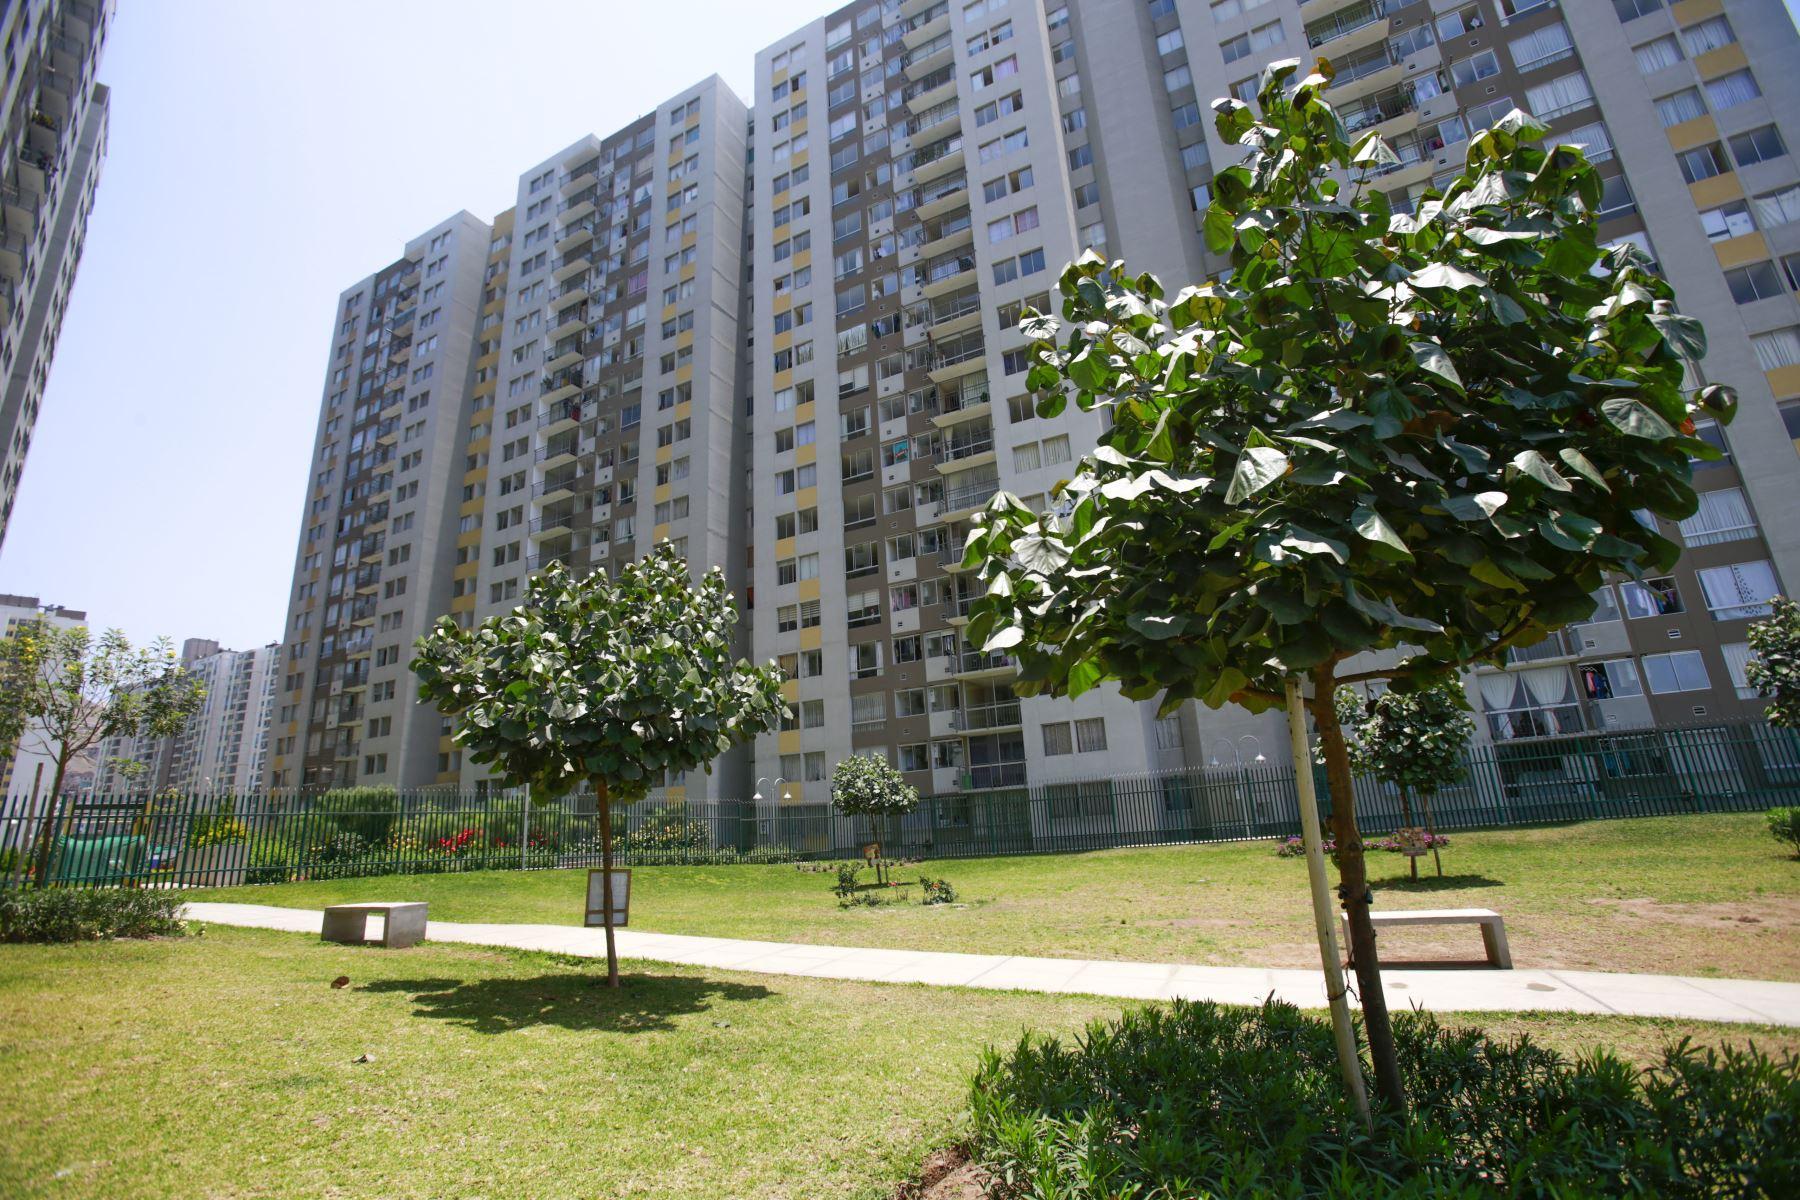 Desarrollo de proyectos habitacionales. Cortesía MVCS.